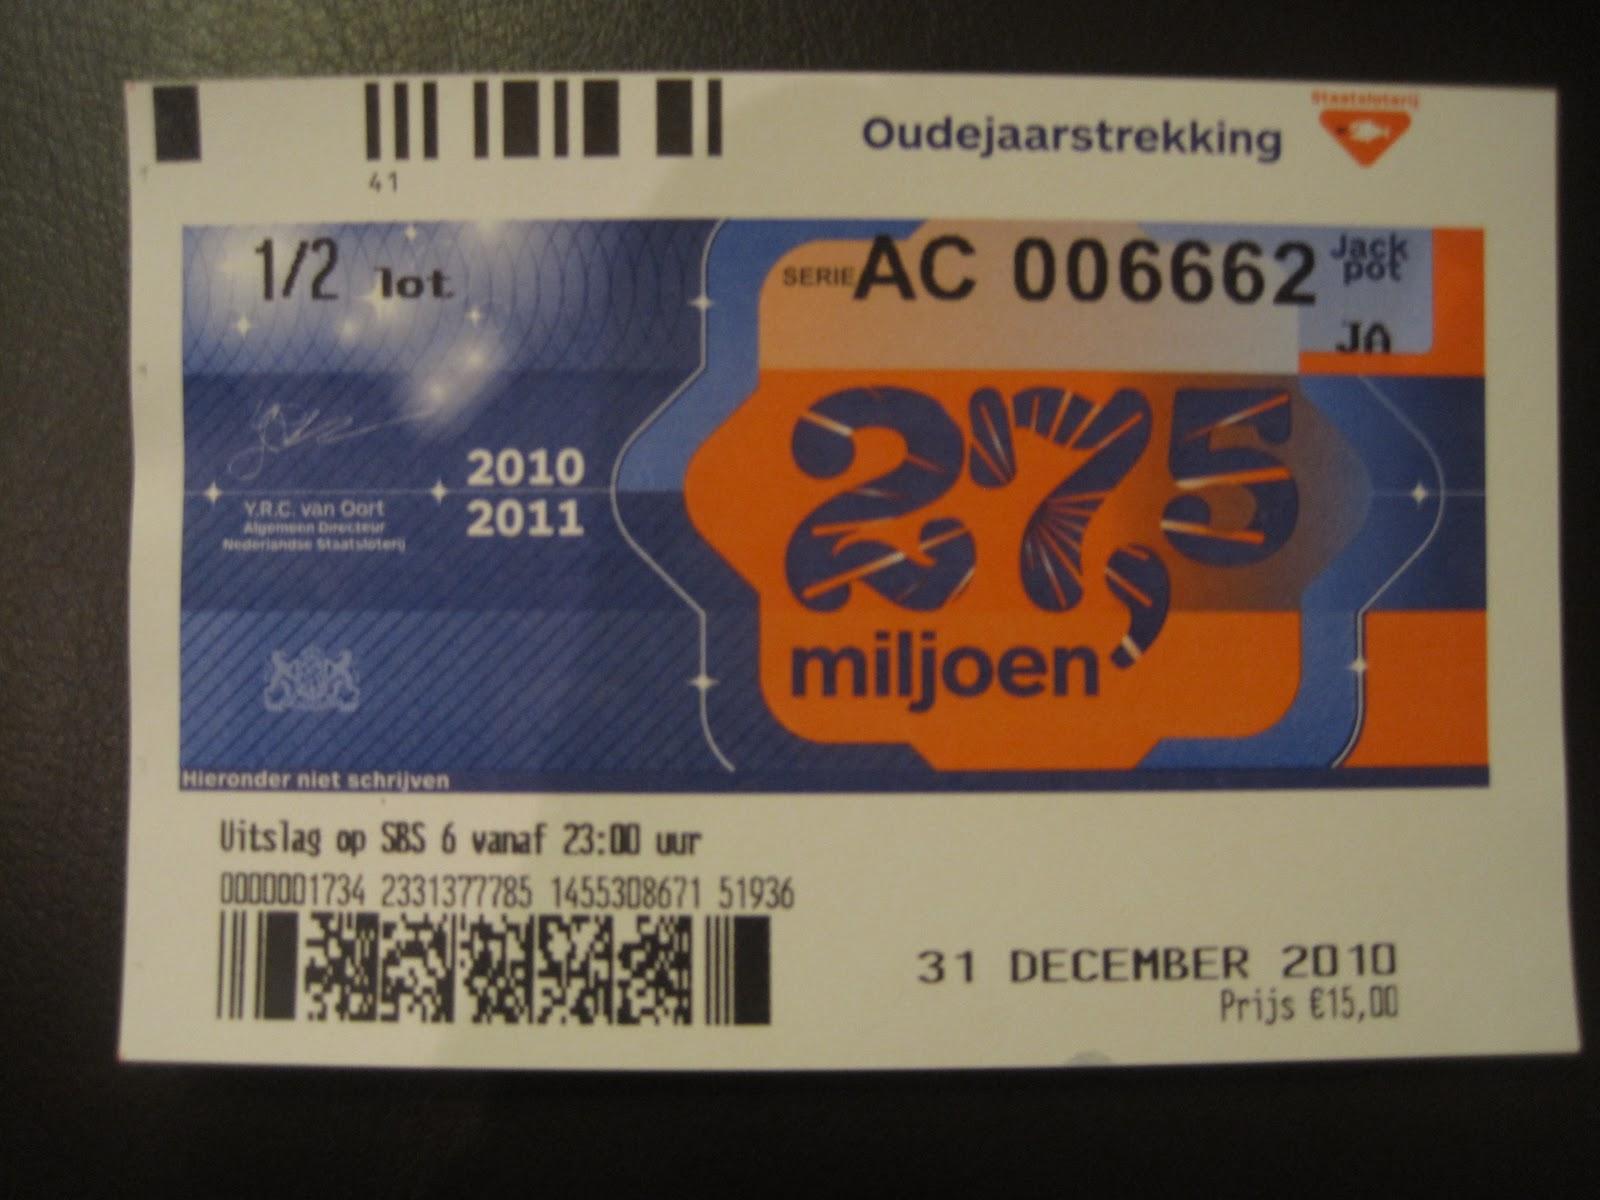 http://3.bp.blogspot.com/_Hb_scvFSChQ/TR6EfeX8LBI/AAAAAAAAAfE/a5w3CMugW2w/s1600/New+Year%2527s+Eve%252C+Netherlands%252C+lottery+ticket%252C+Cara+Nelissen.JPG